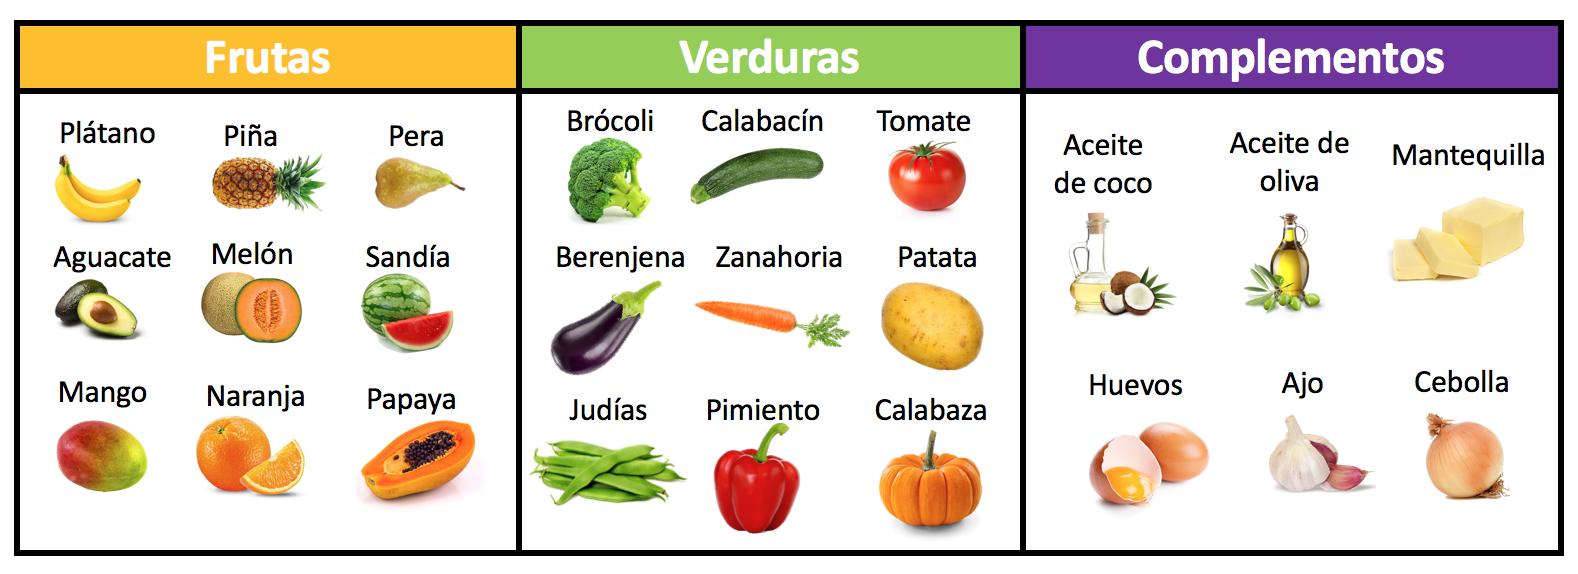 El Menú Del Crío De 8 Meses Que Vegetales Puede Comer Un Bebe De 8 Meses